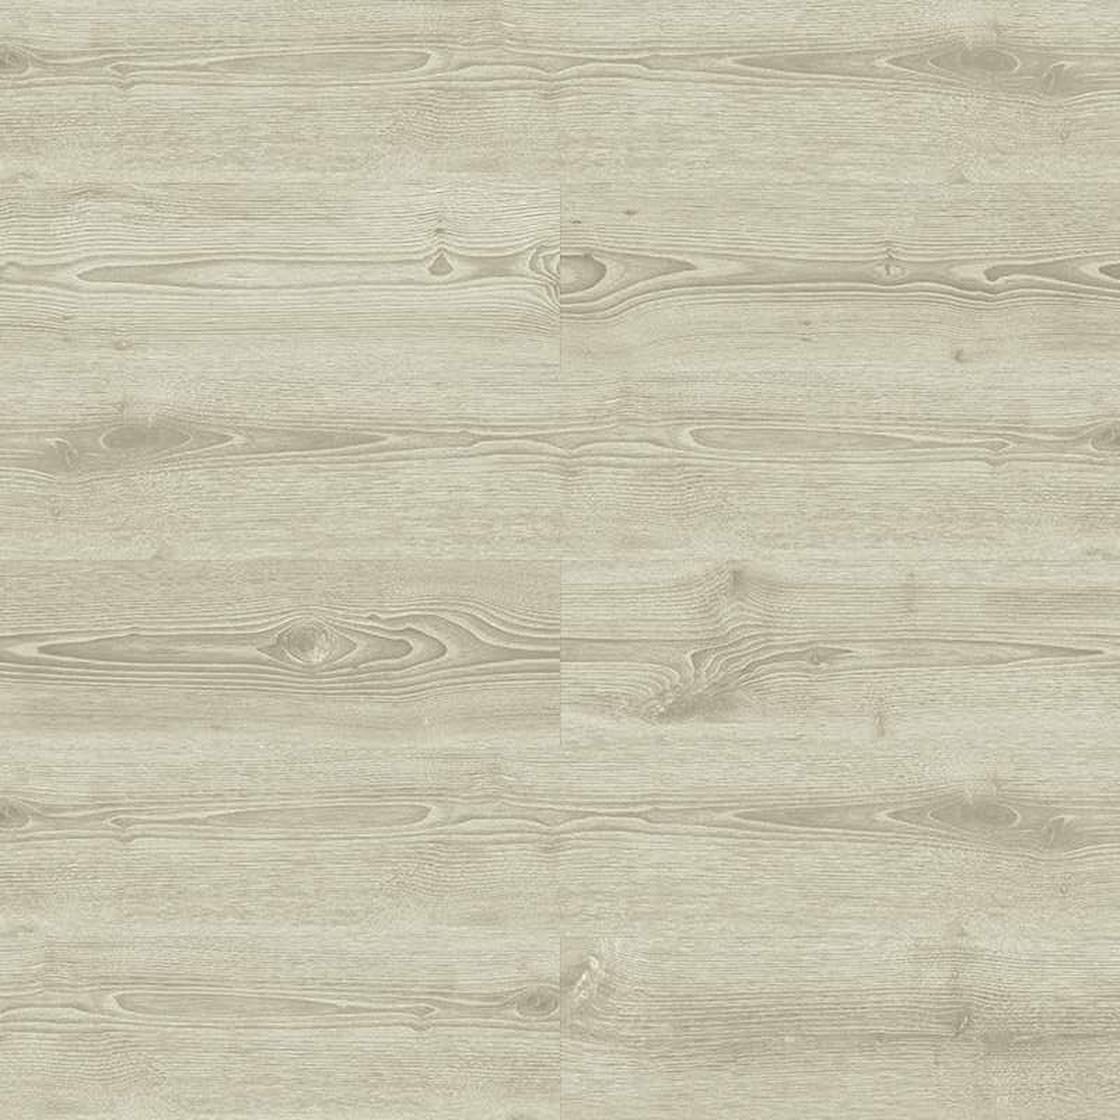 Beliebt Tarkett Starfloor Click 55 - Scandinavian Oak Medium Beige YY17